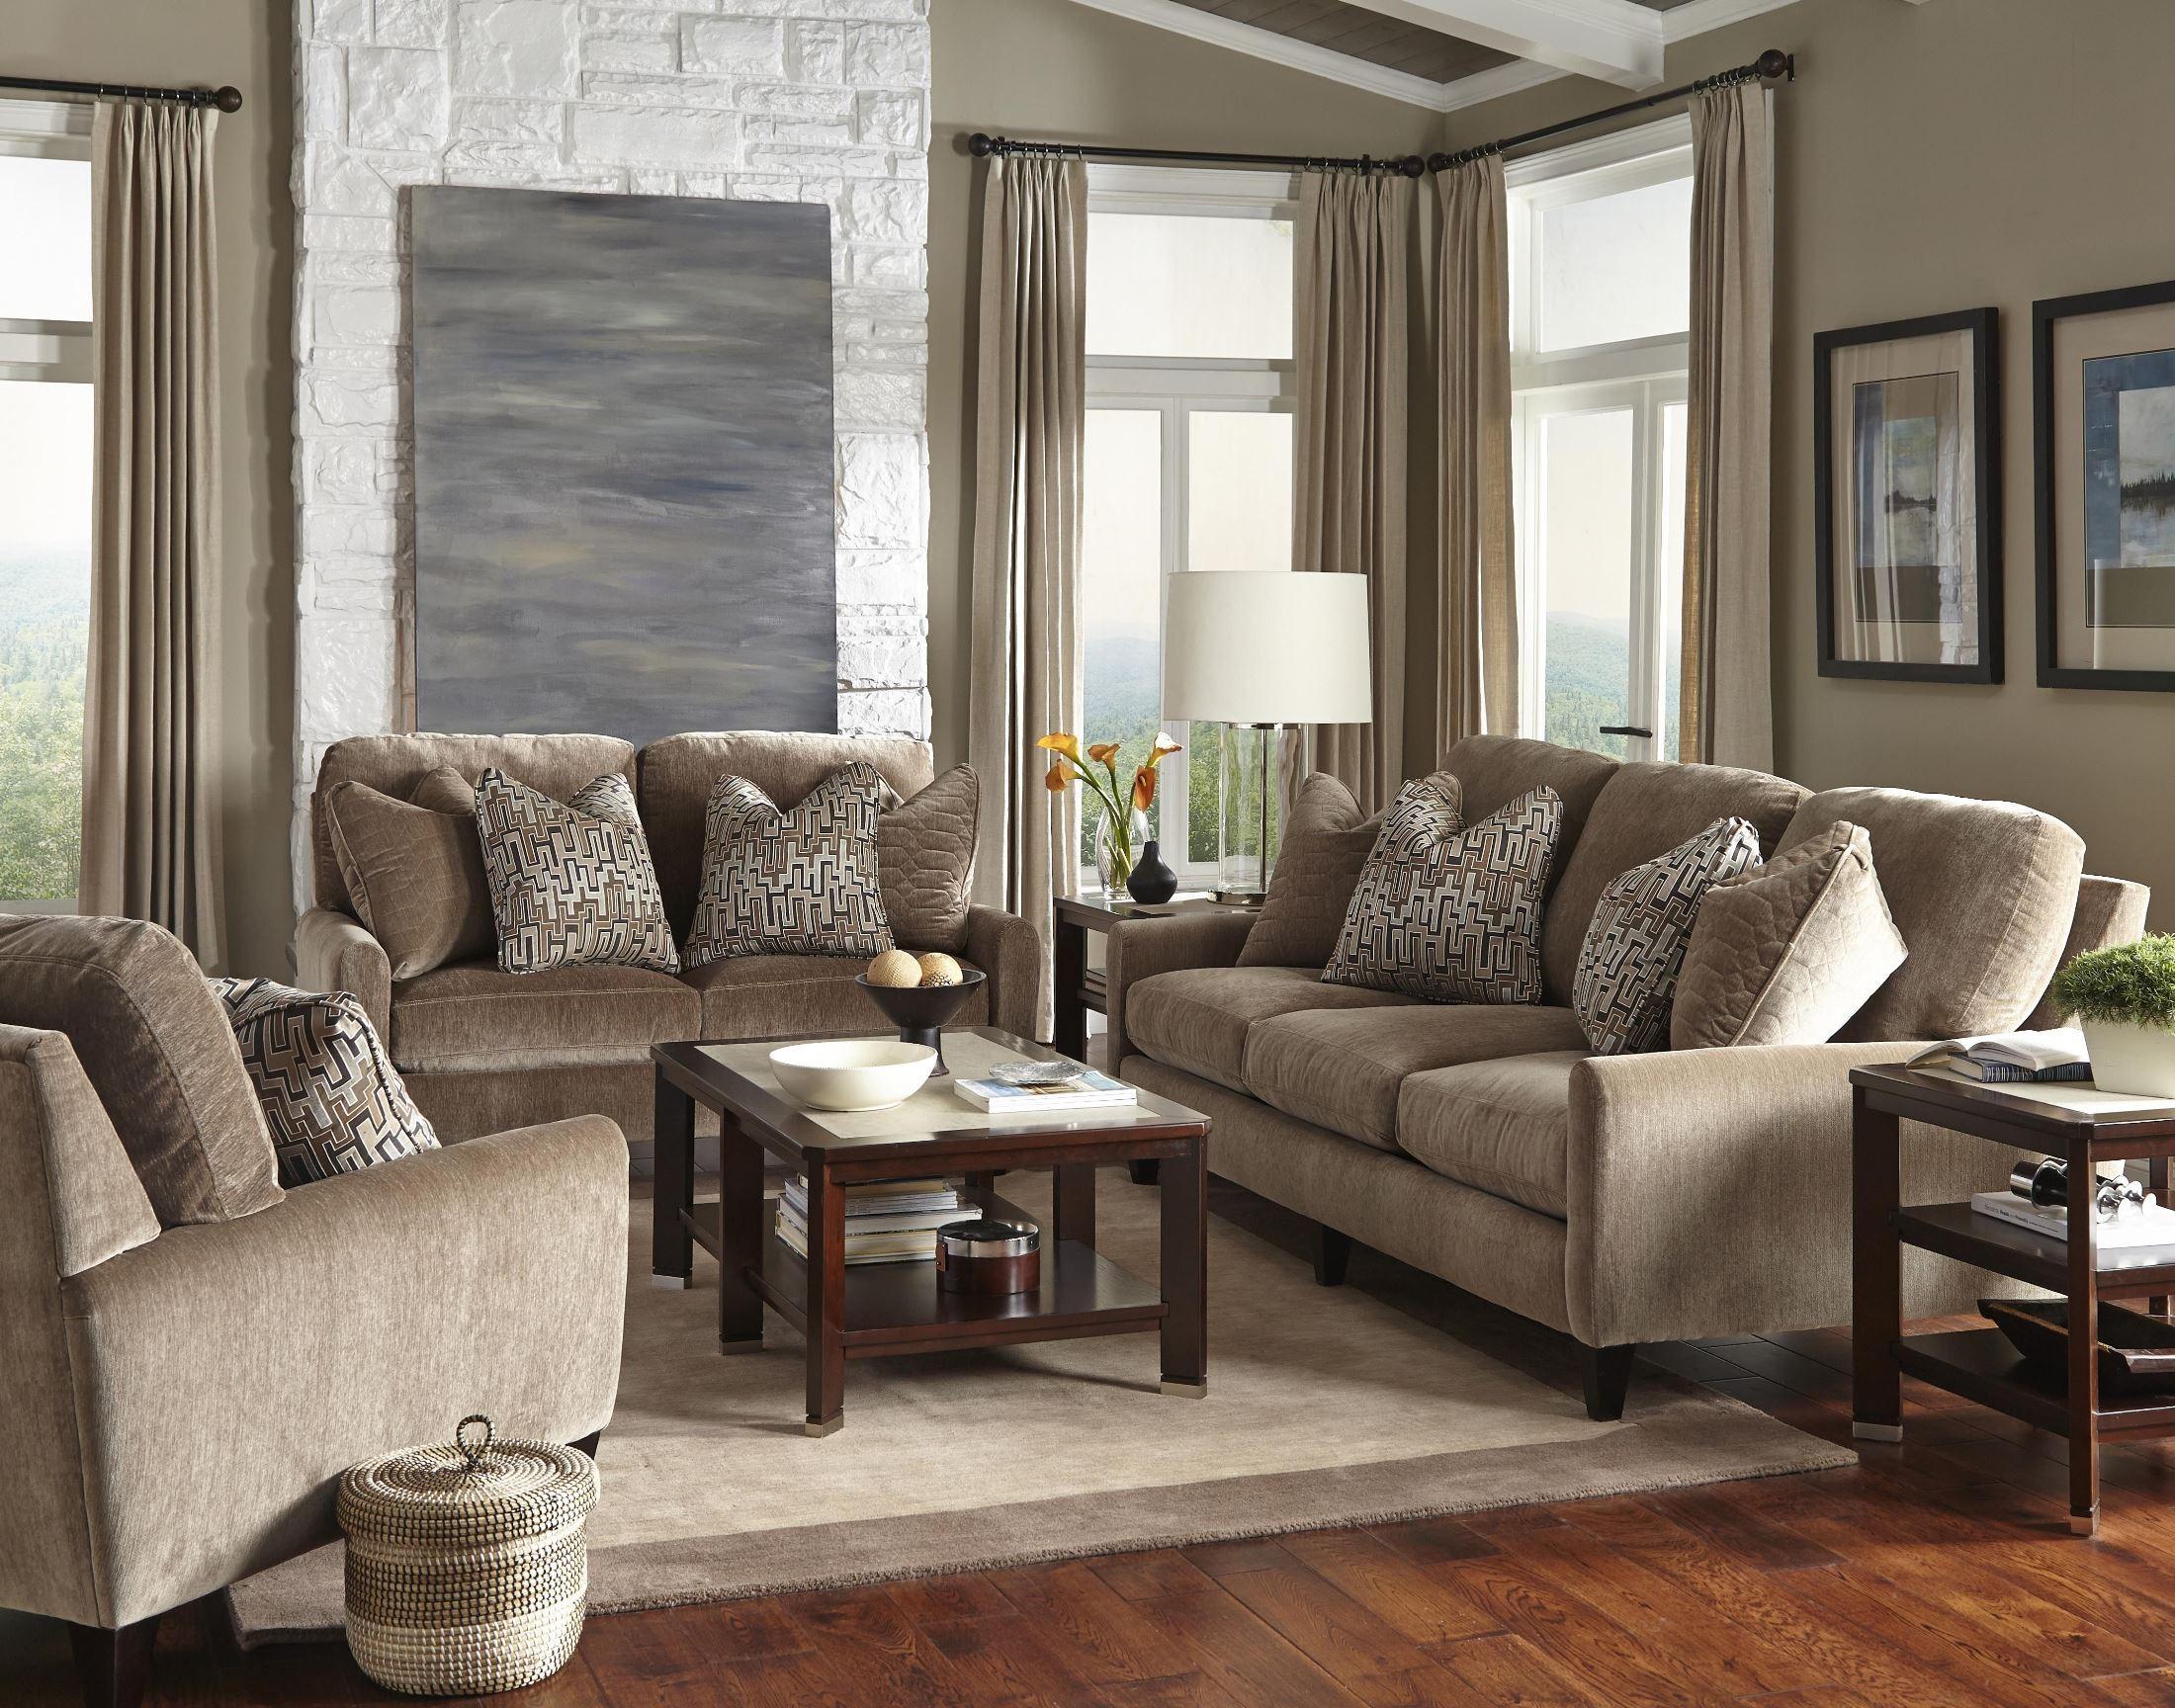 mulholland taupe living room set from jackson 325503000000000000 coleman furniture. Black Bedroom Furniture Sets. Home Design Ideas